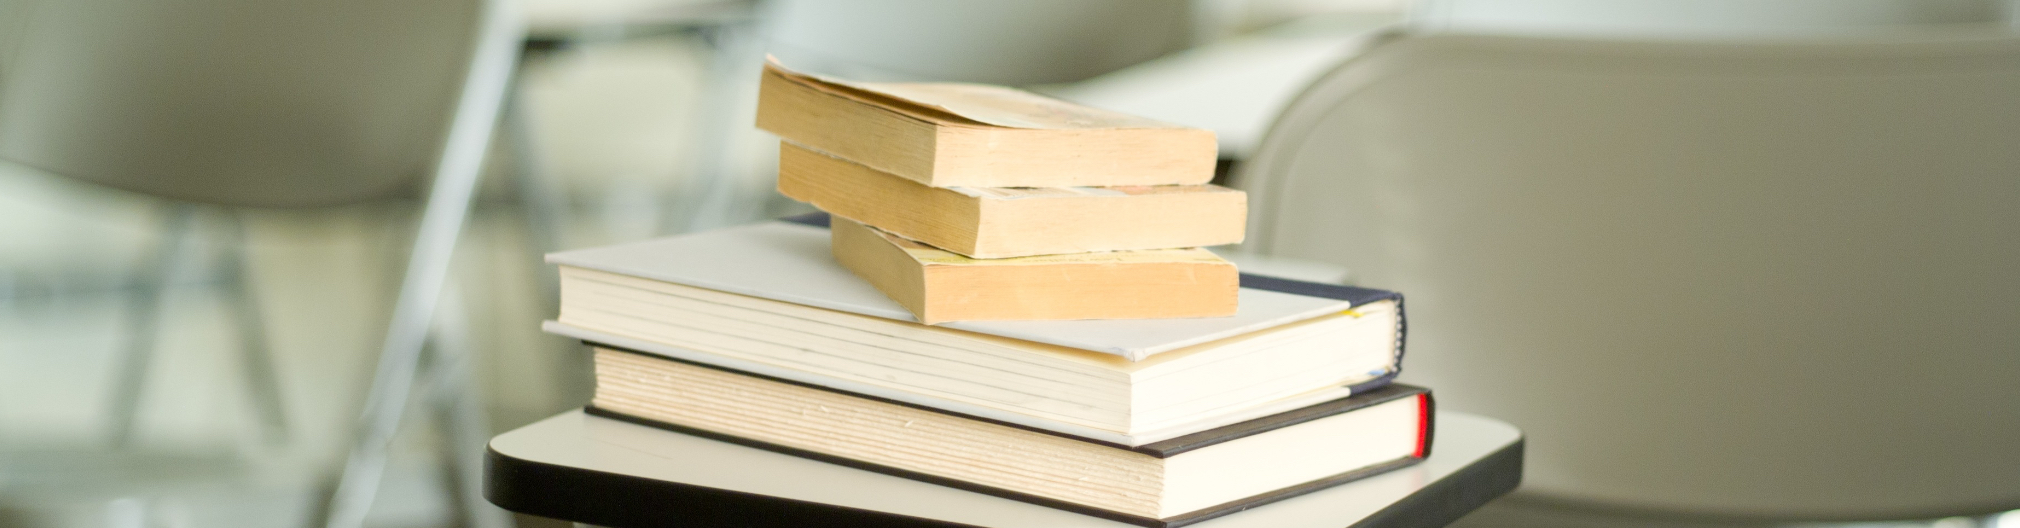 事業構想出版部 | 事業構想大学院大学